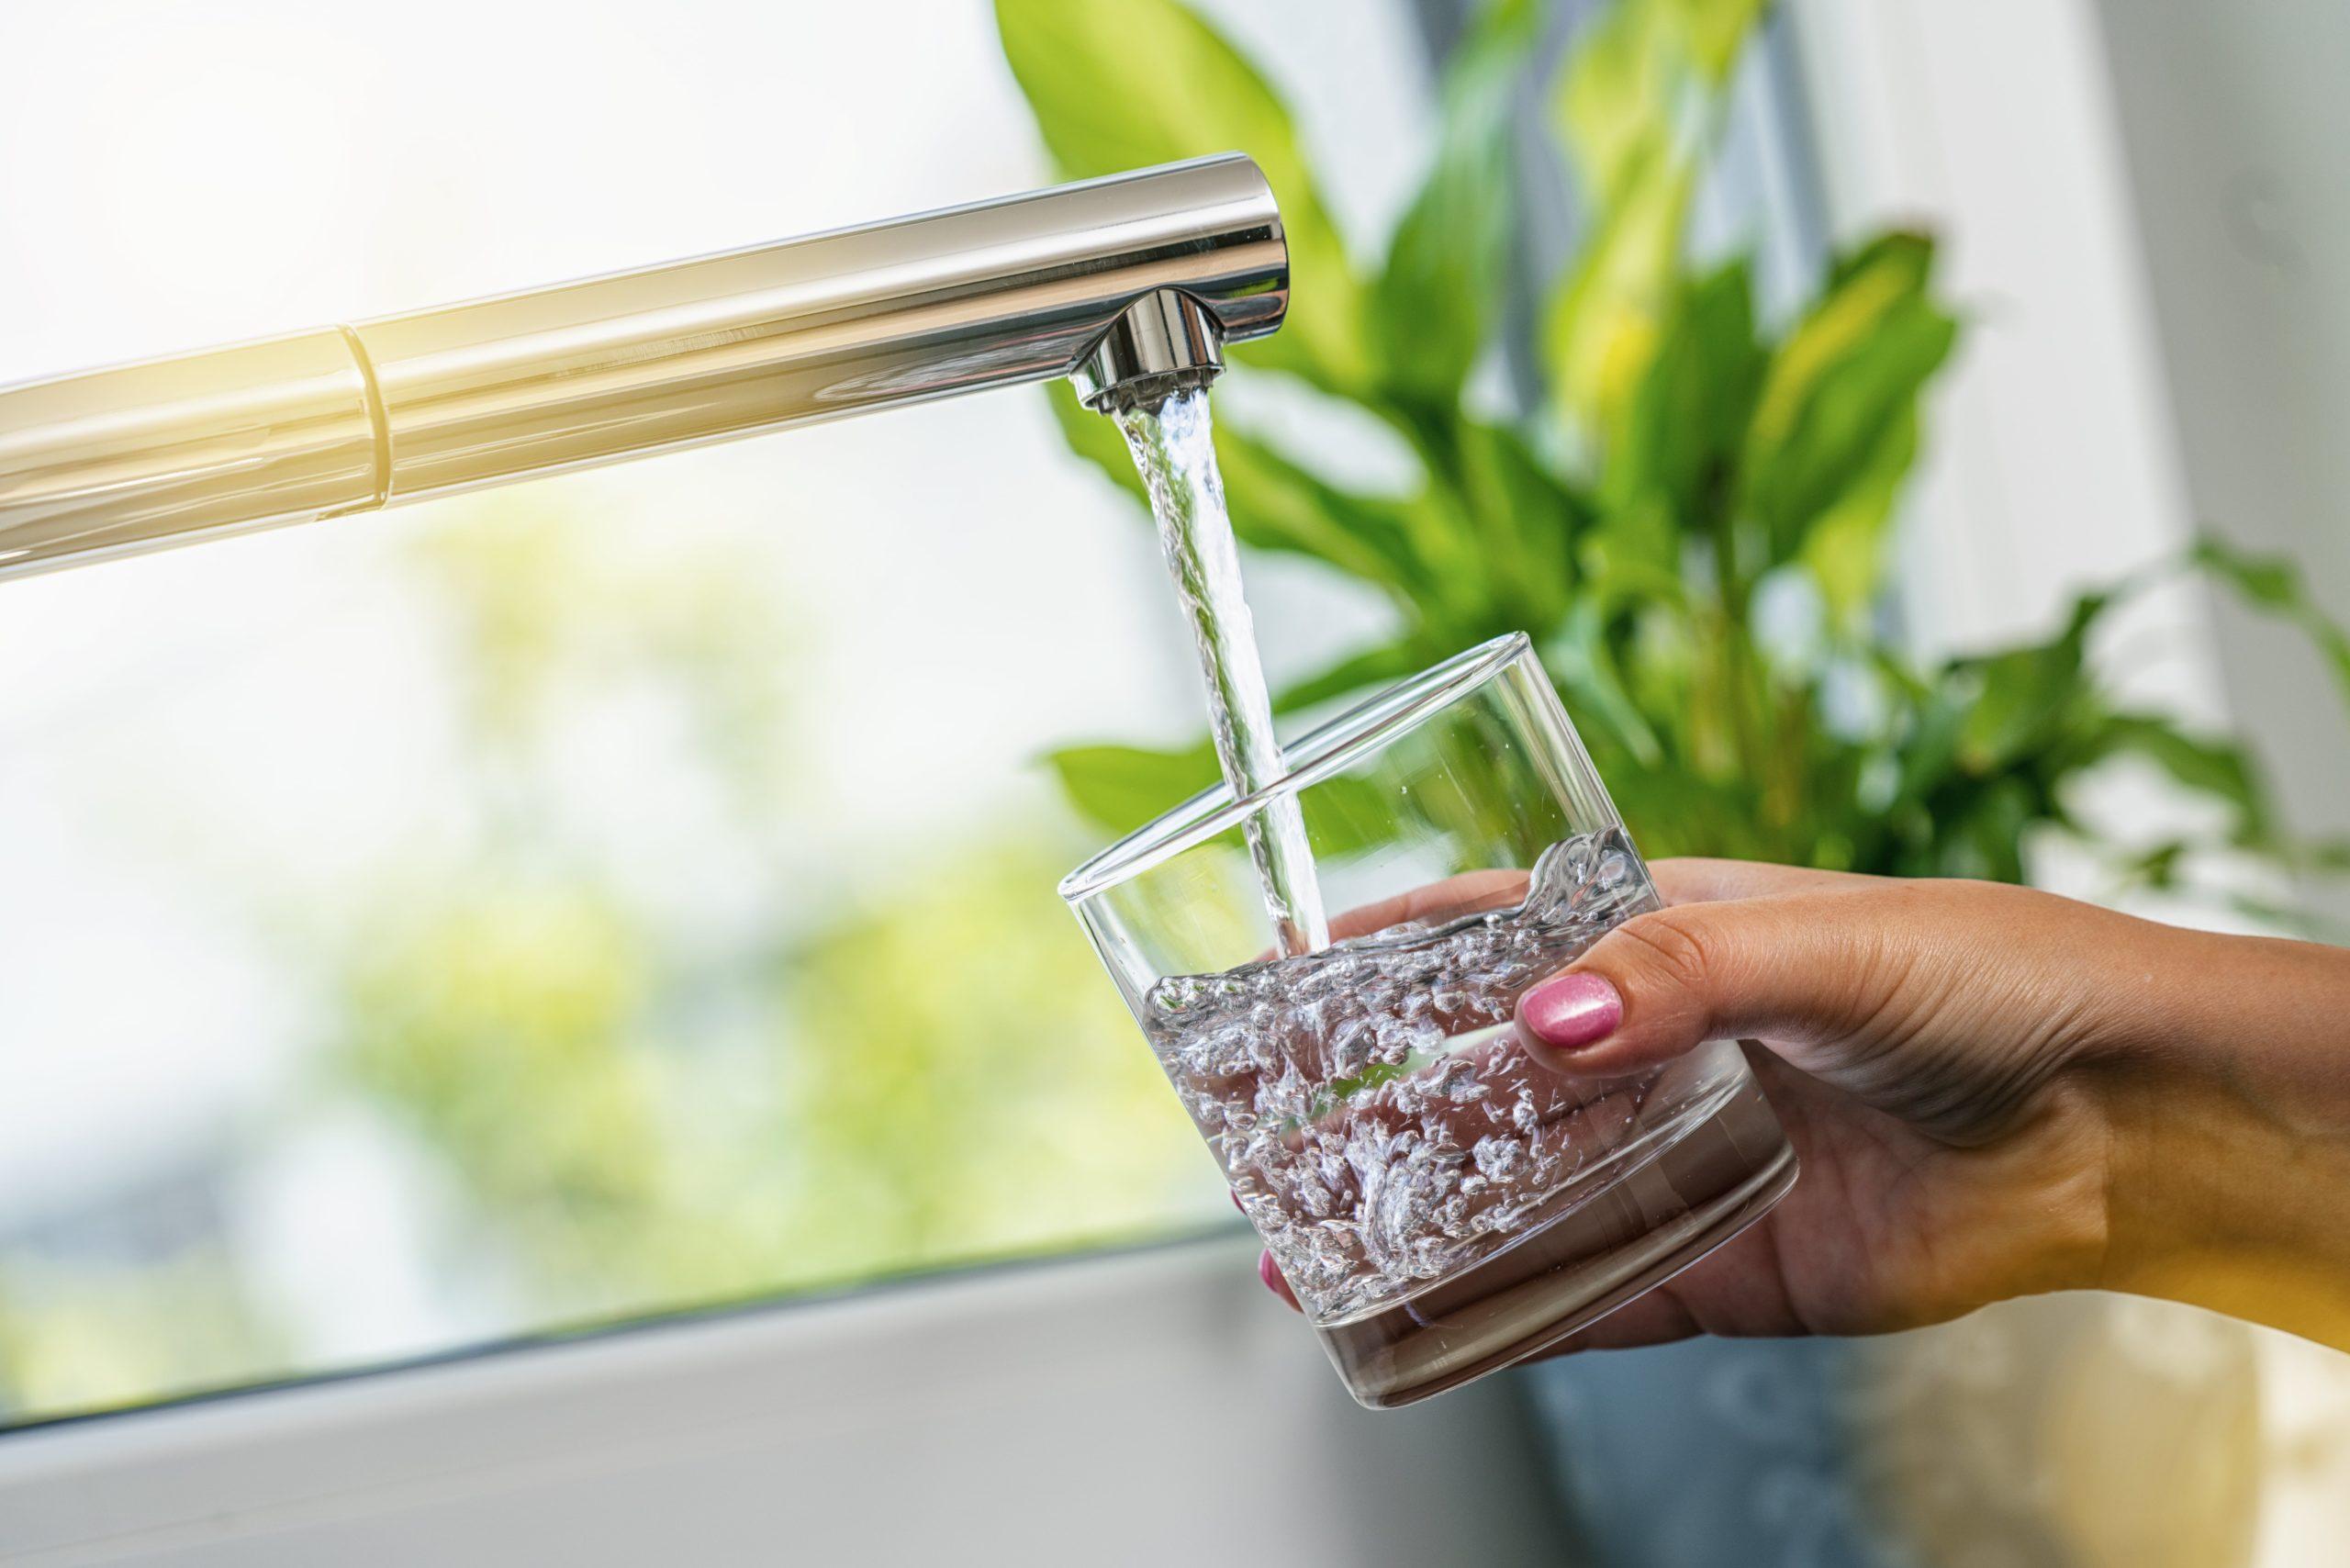 Retrouver le plaisir de boire l'eau pure de votre robinet